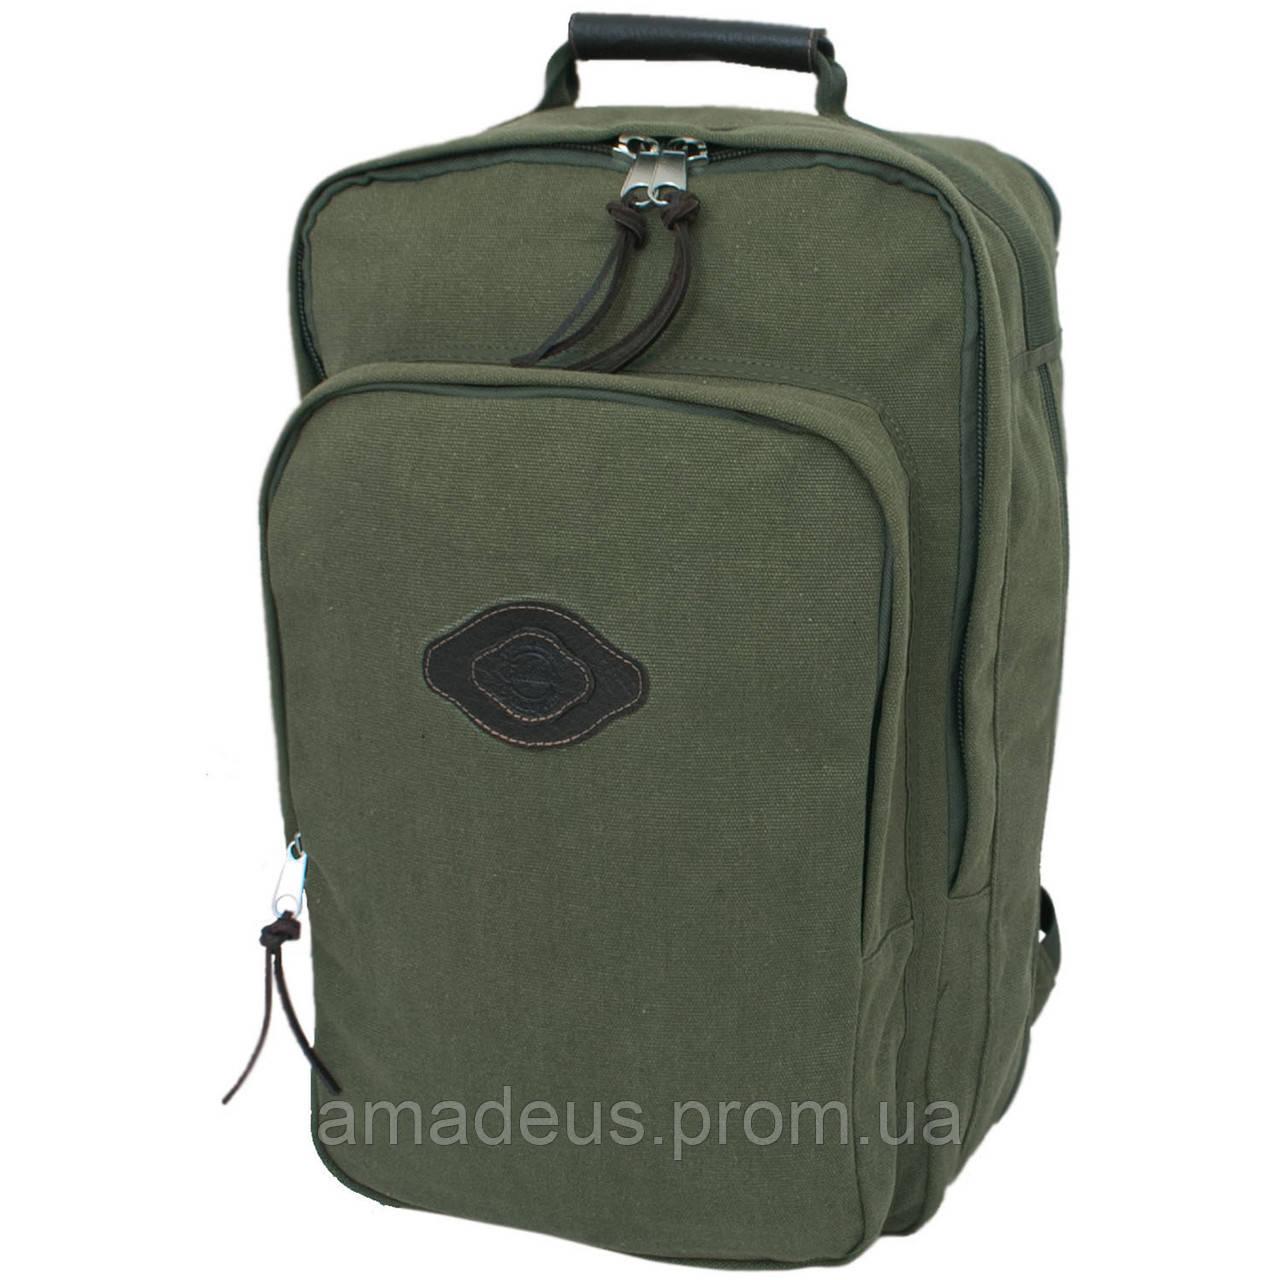 Брезентовый рюкзак для охотников РО-5